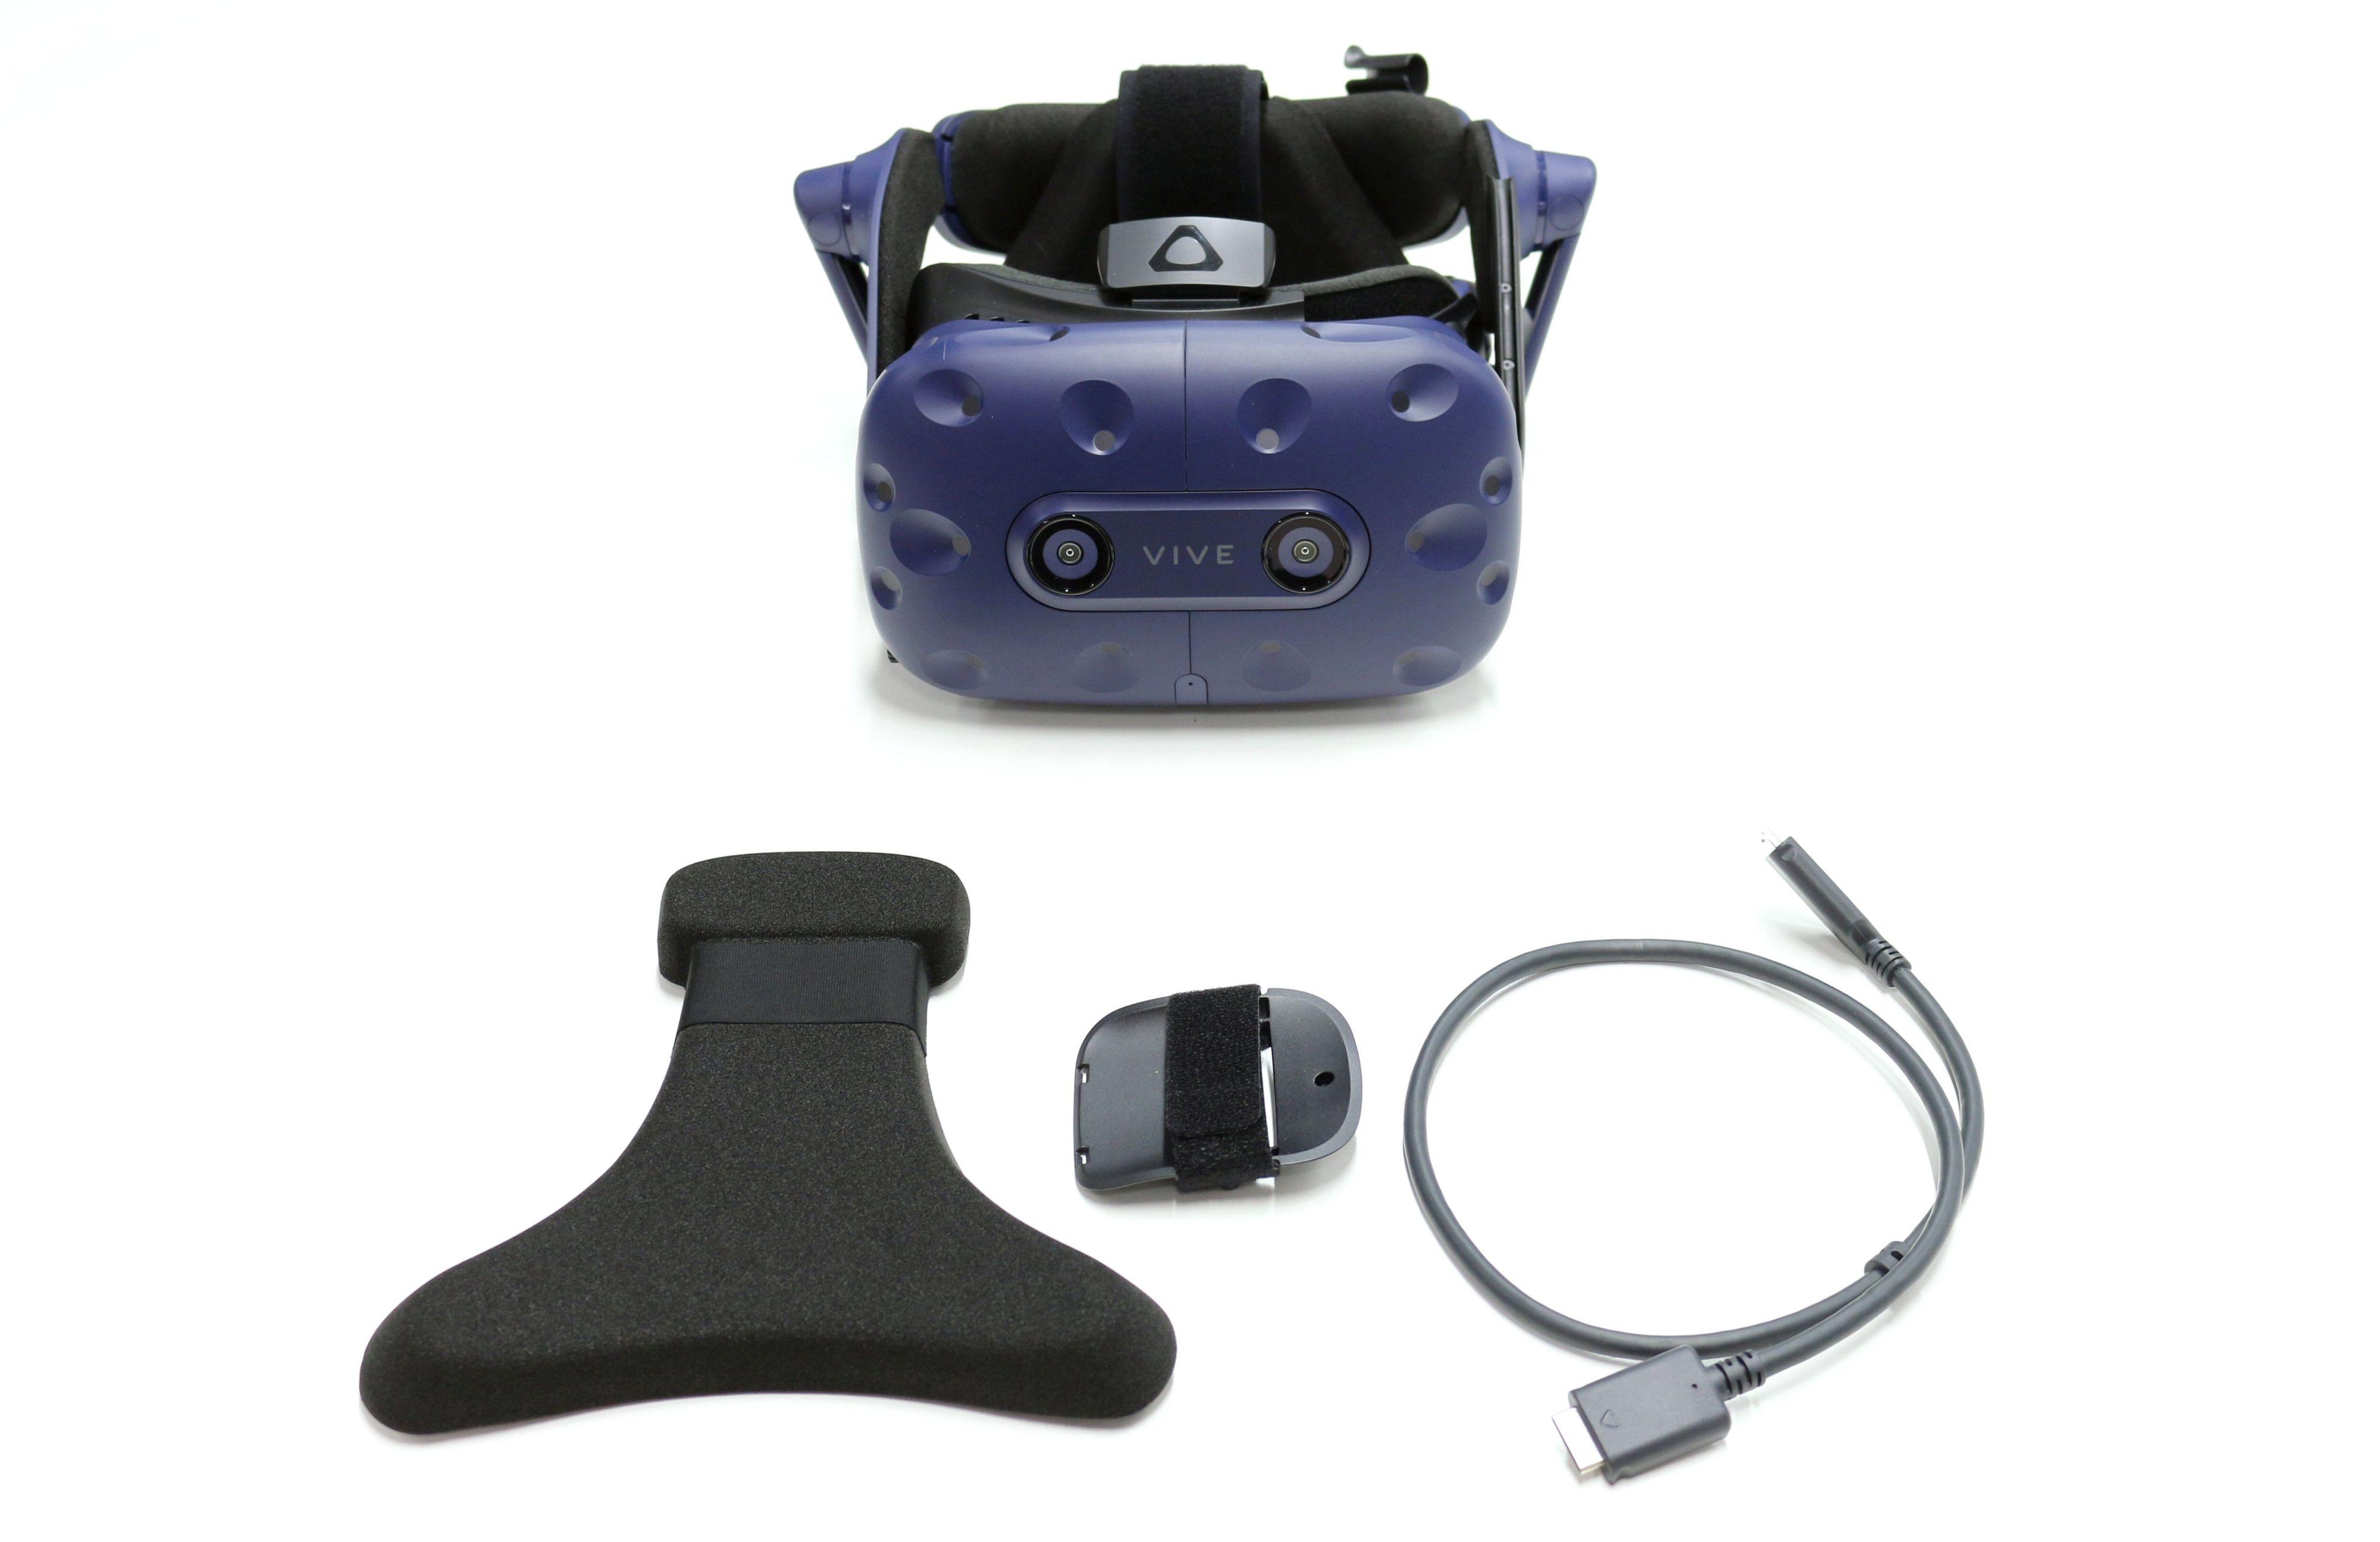 Vive Pro i bakgrunnen og de tre komponentene som utgjør «HTC Vive Pro Wireless Adapter Attachment Kit» i forgrunnen.